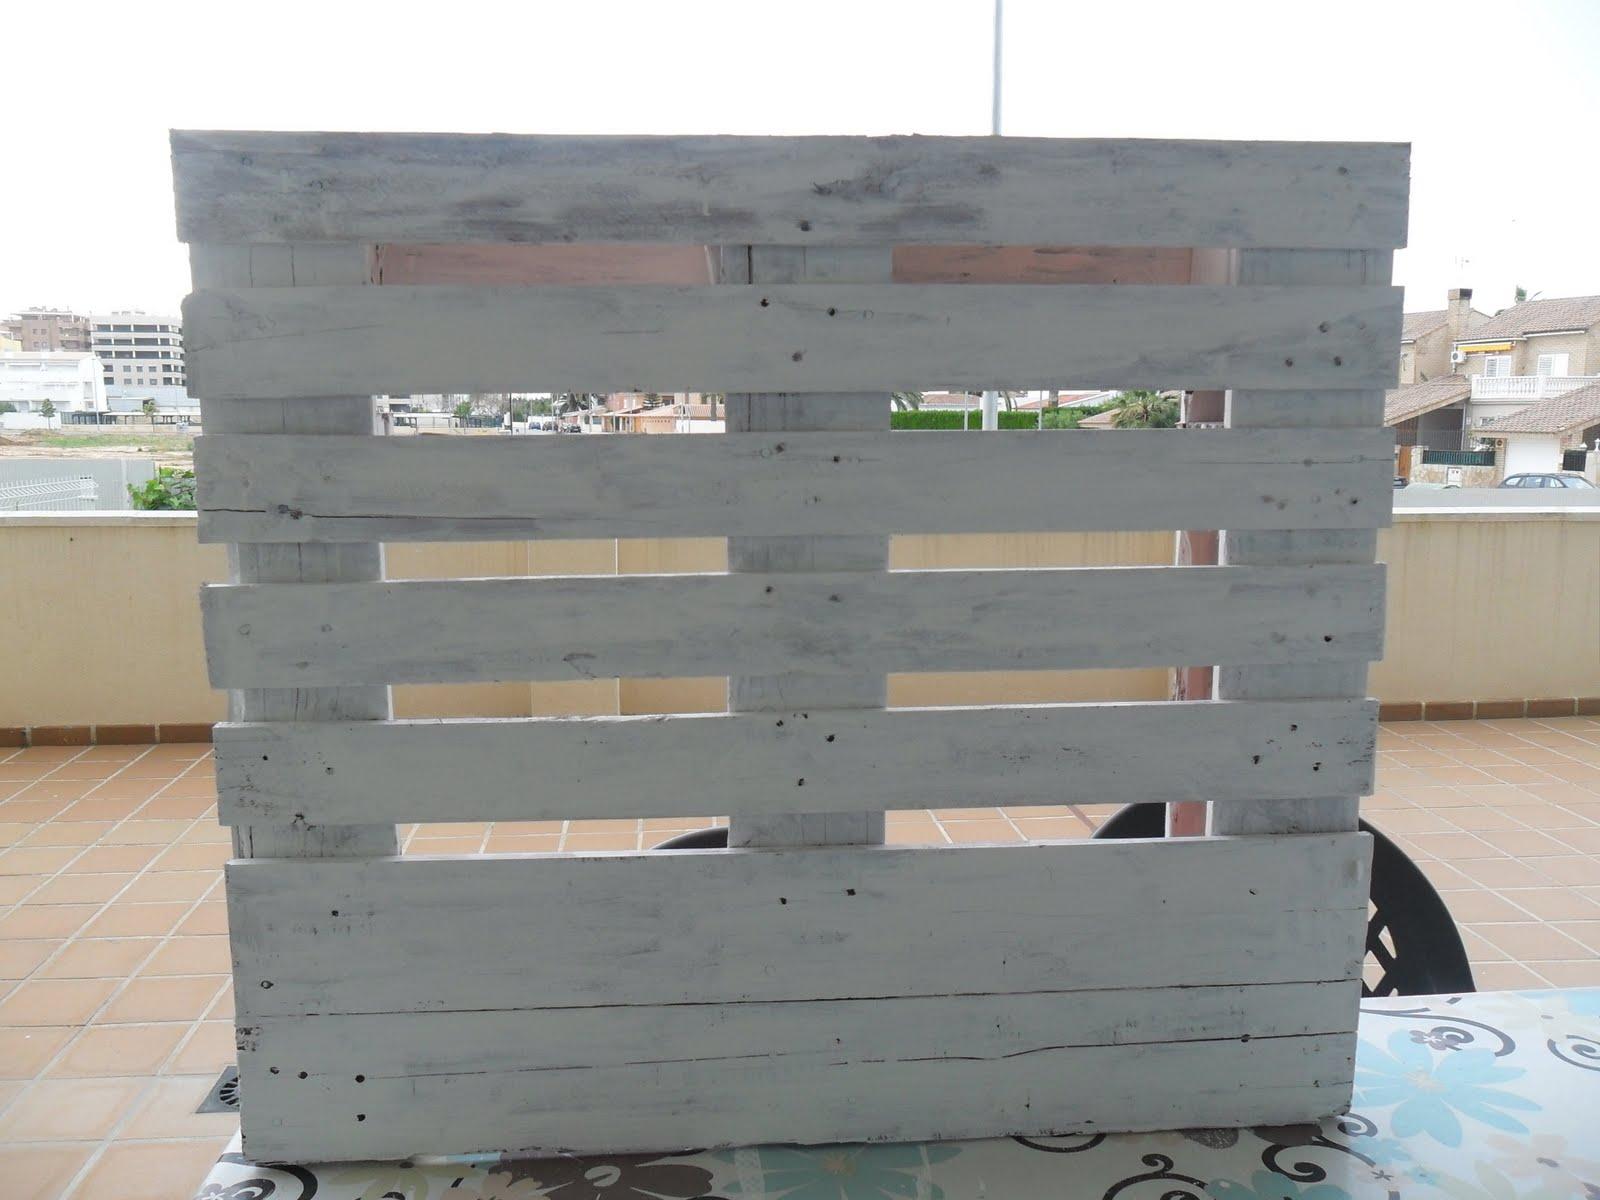 El ba l del reciclaje sillon de palets - Reciclaje de palet ...